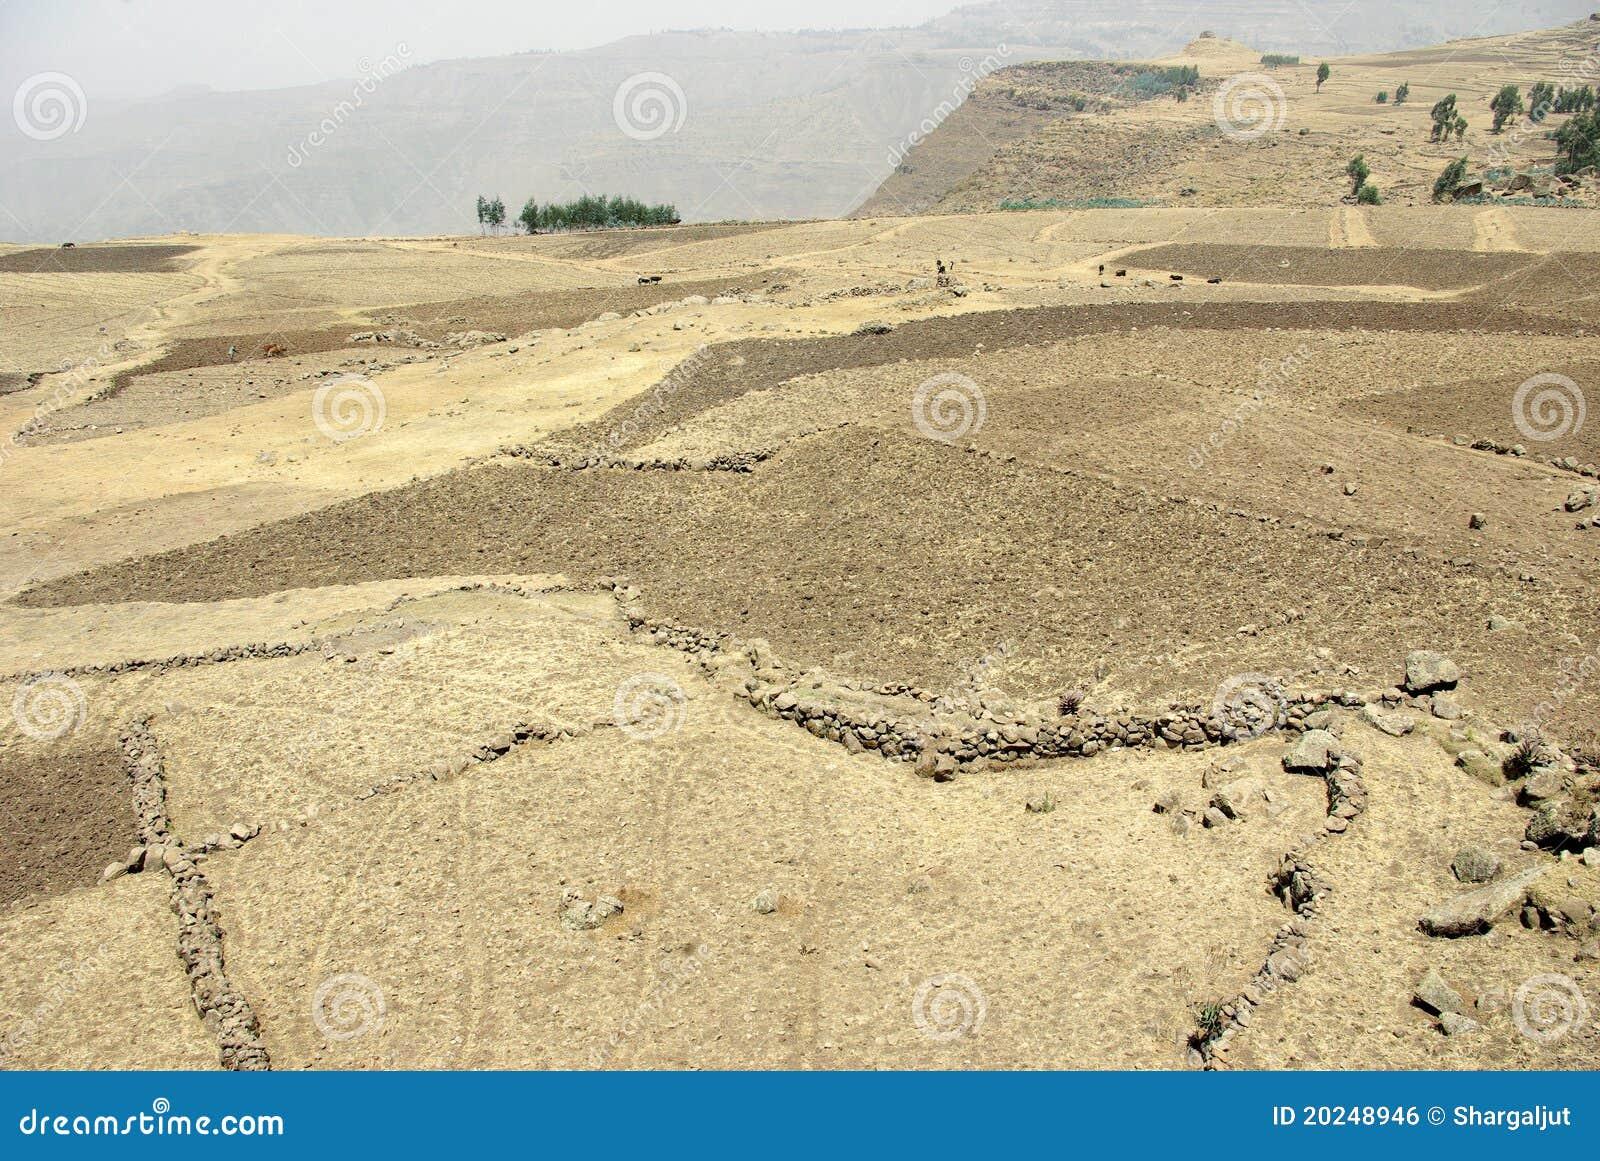 Agriculture area - Ethiopia